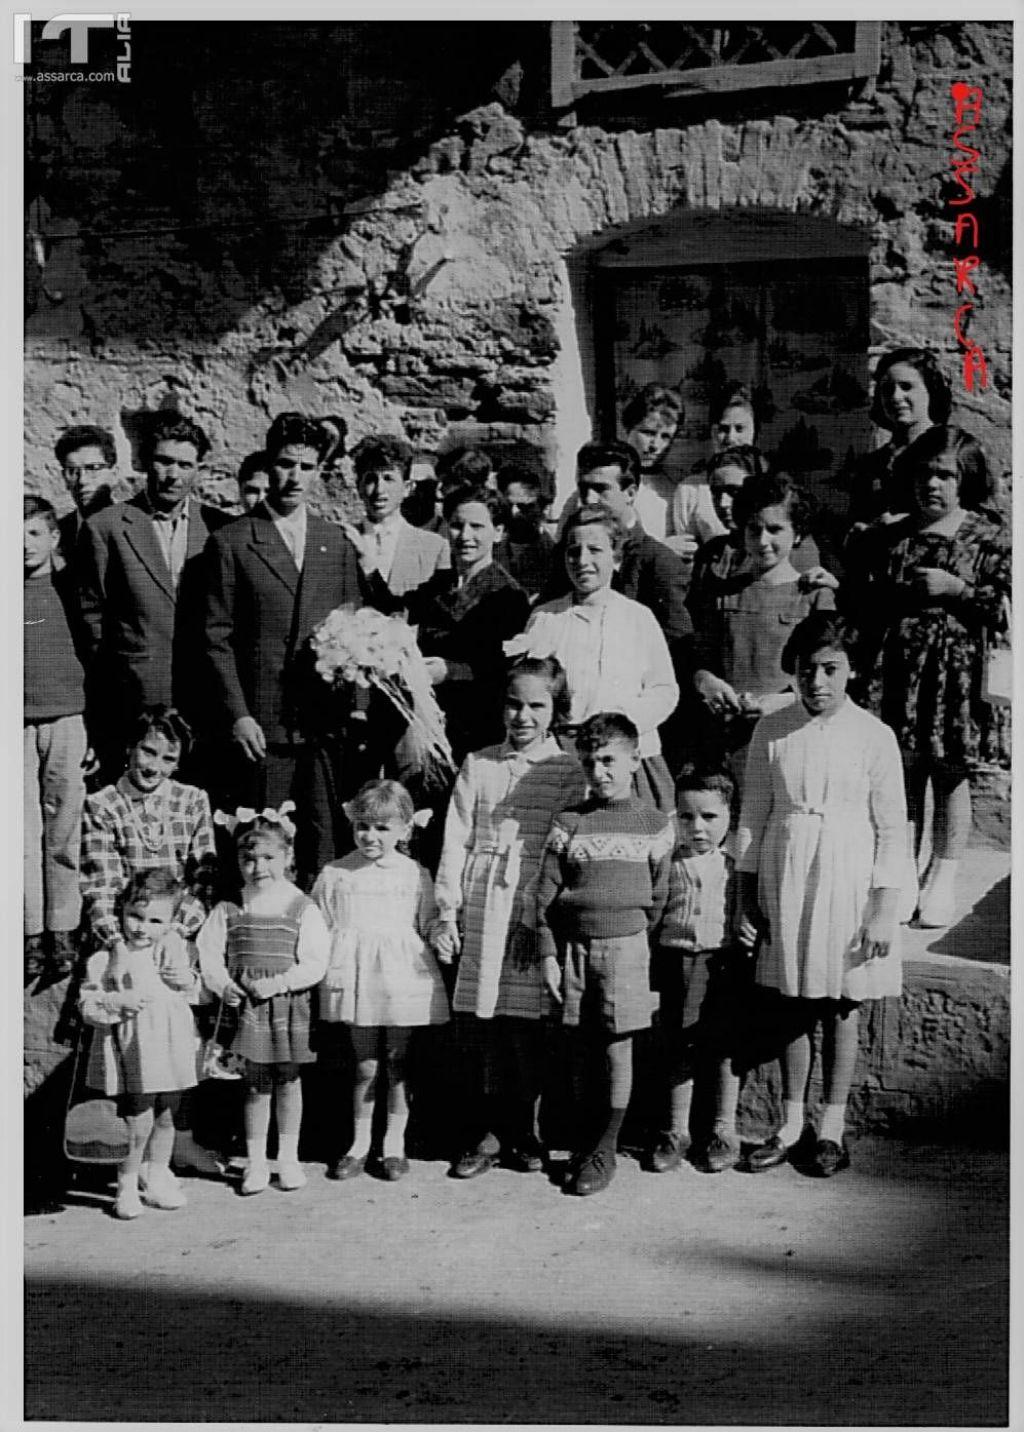 Annunci necrologici del comune di ALIA (PA) - ASSARCA